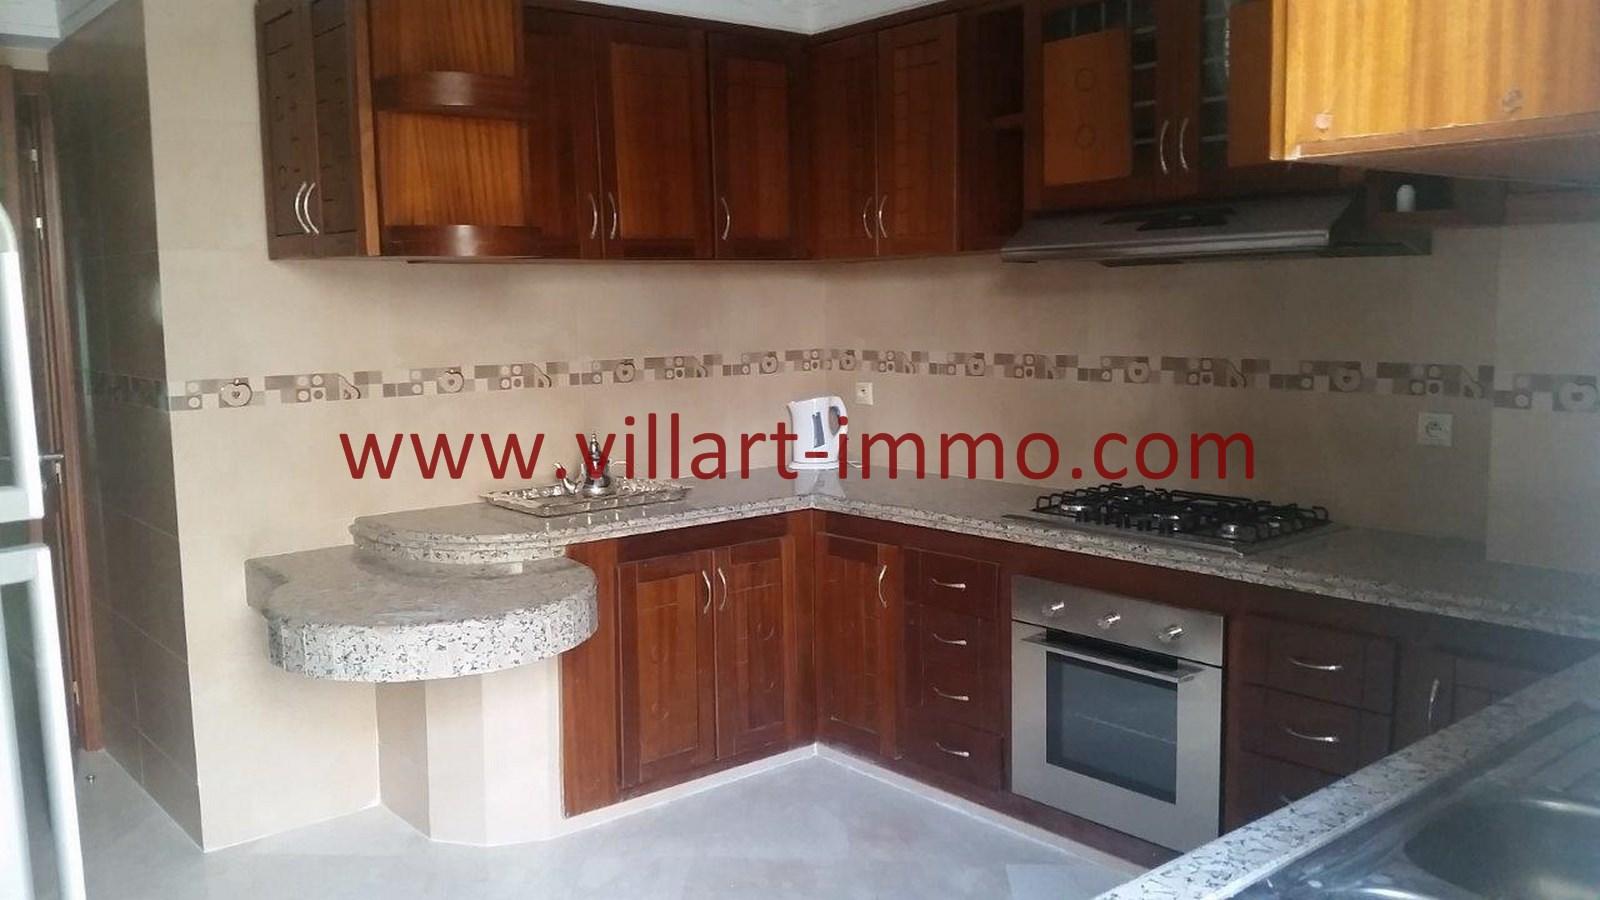 5-a-louer-appartement-meuble-tanger-cuisine-l918-villart-immo